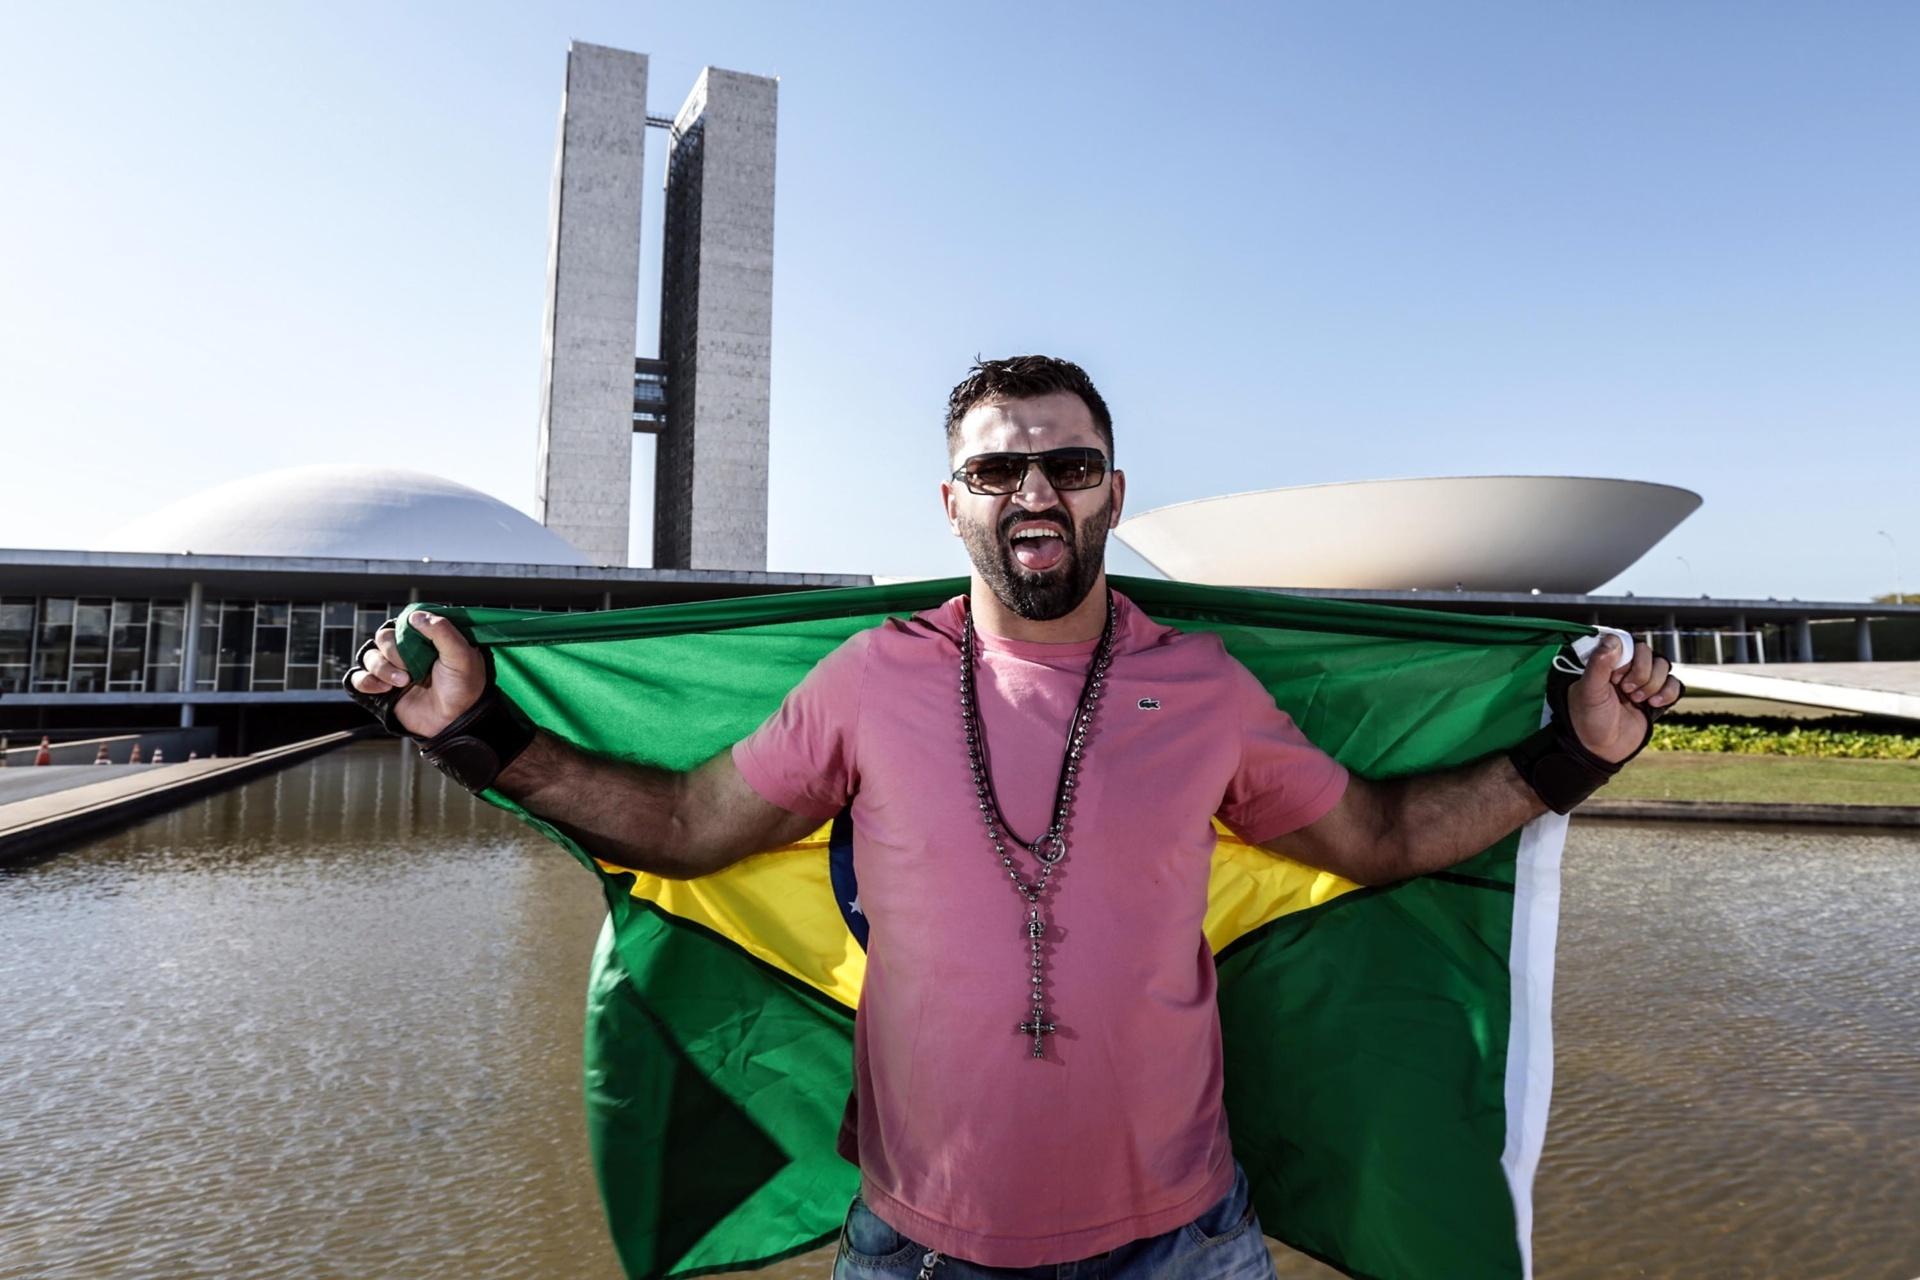 Bielorrusso Andrei Arlovski posa com a bandeira brasileira em frente ao Congresso Nacional, em evento promocional do UFC de Brasília, em 13 de setembro